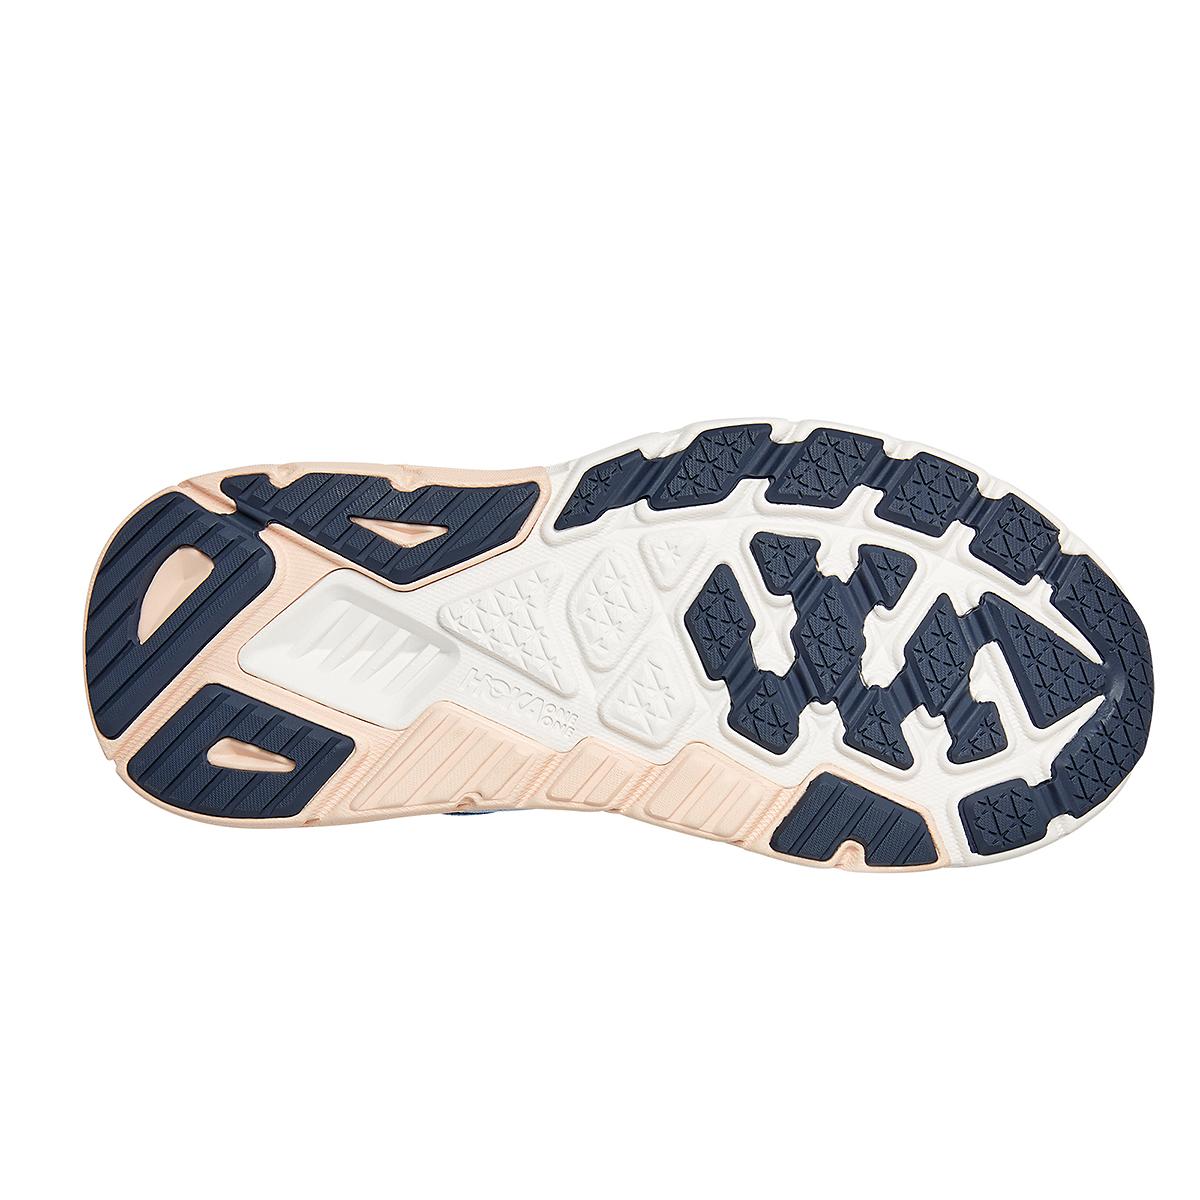 Women's Hoka One One Arahi 5 Running Shoe, , large, image 6